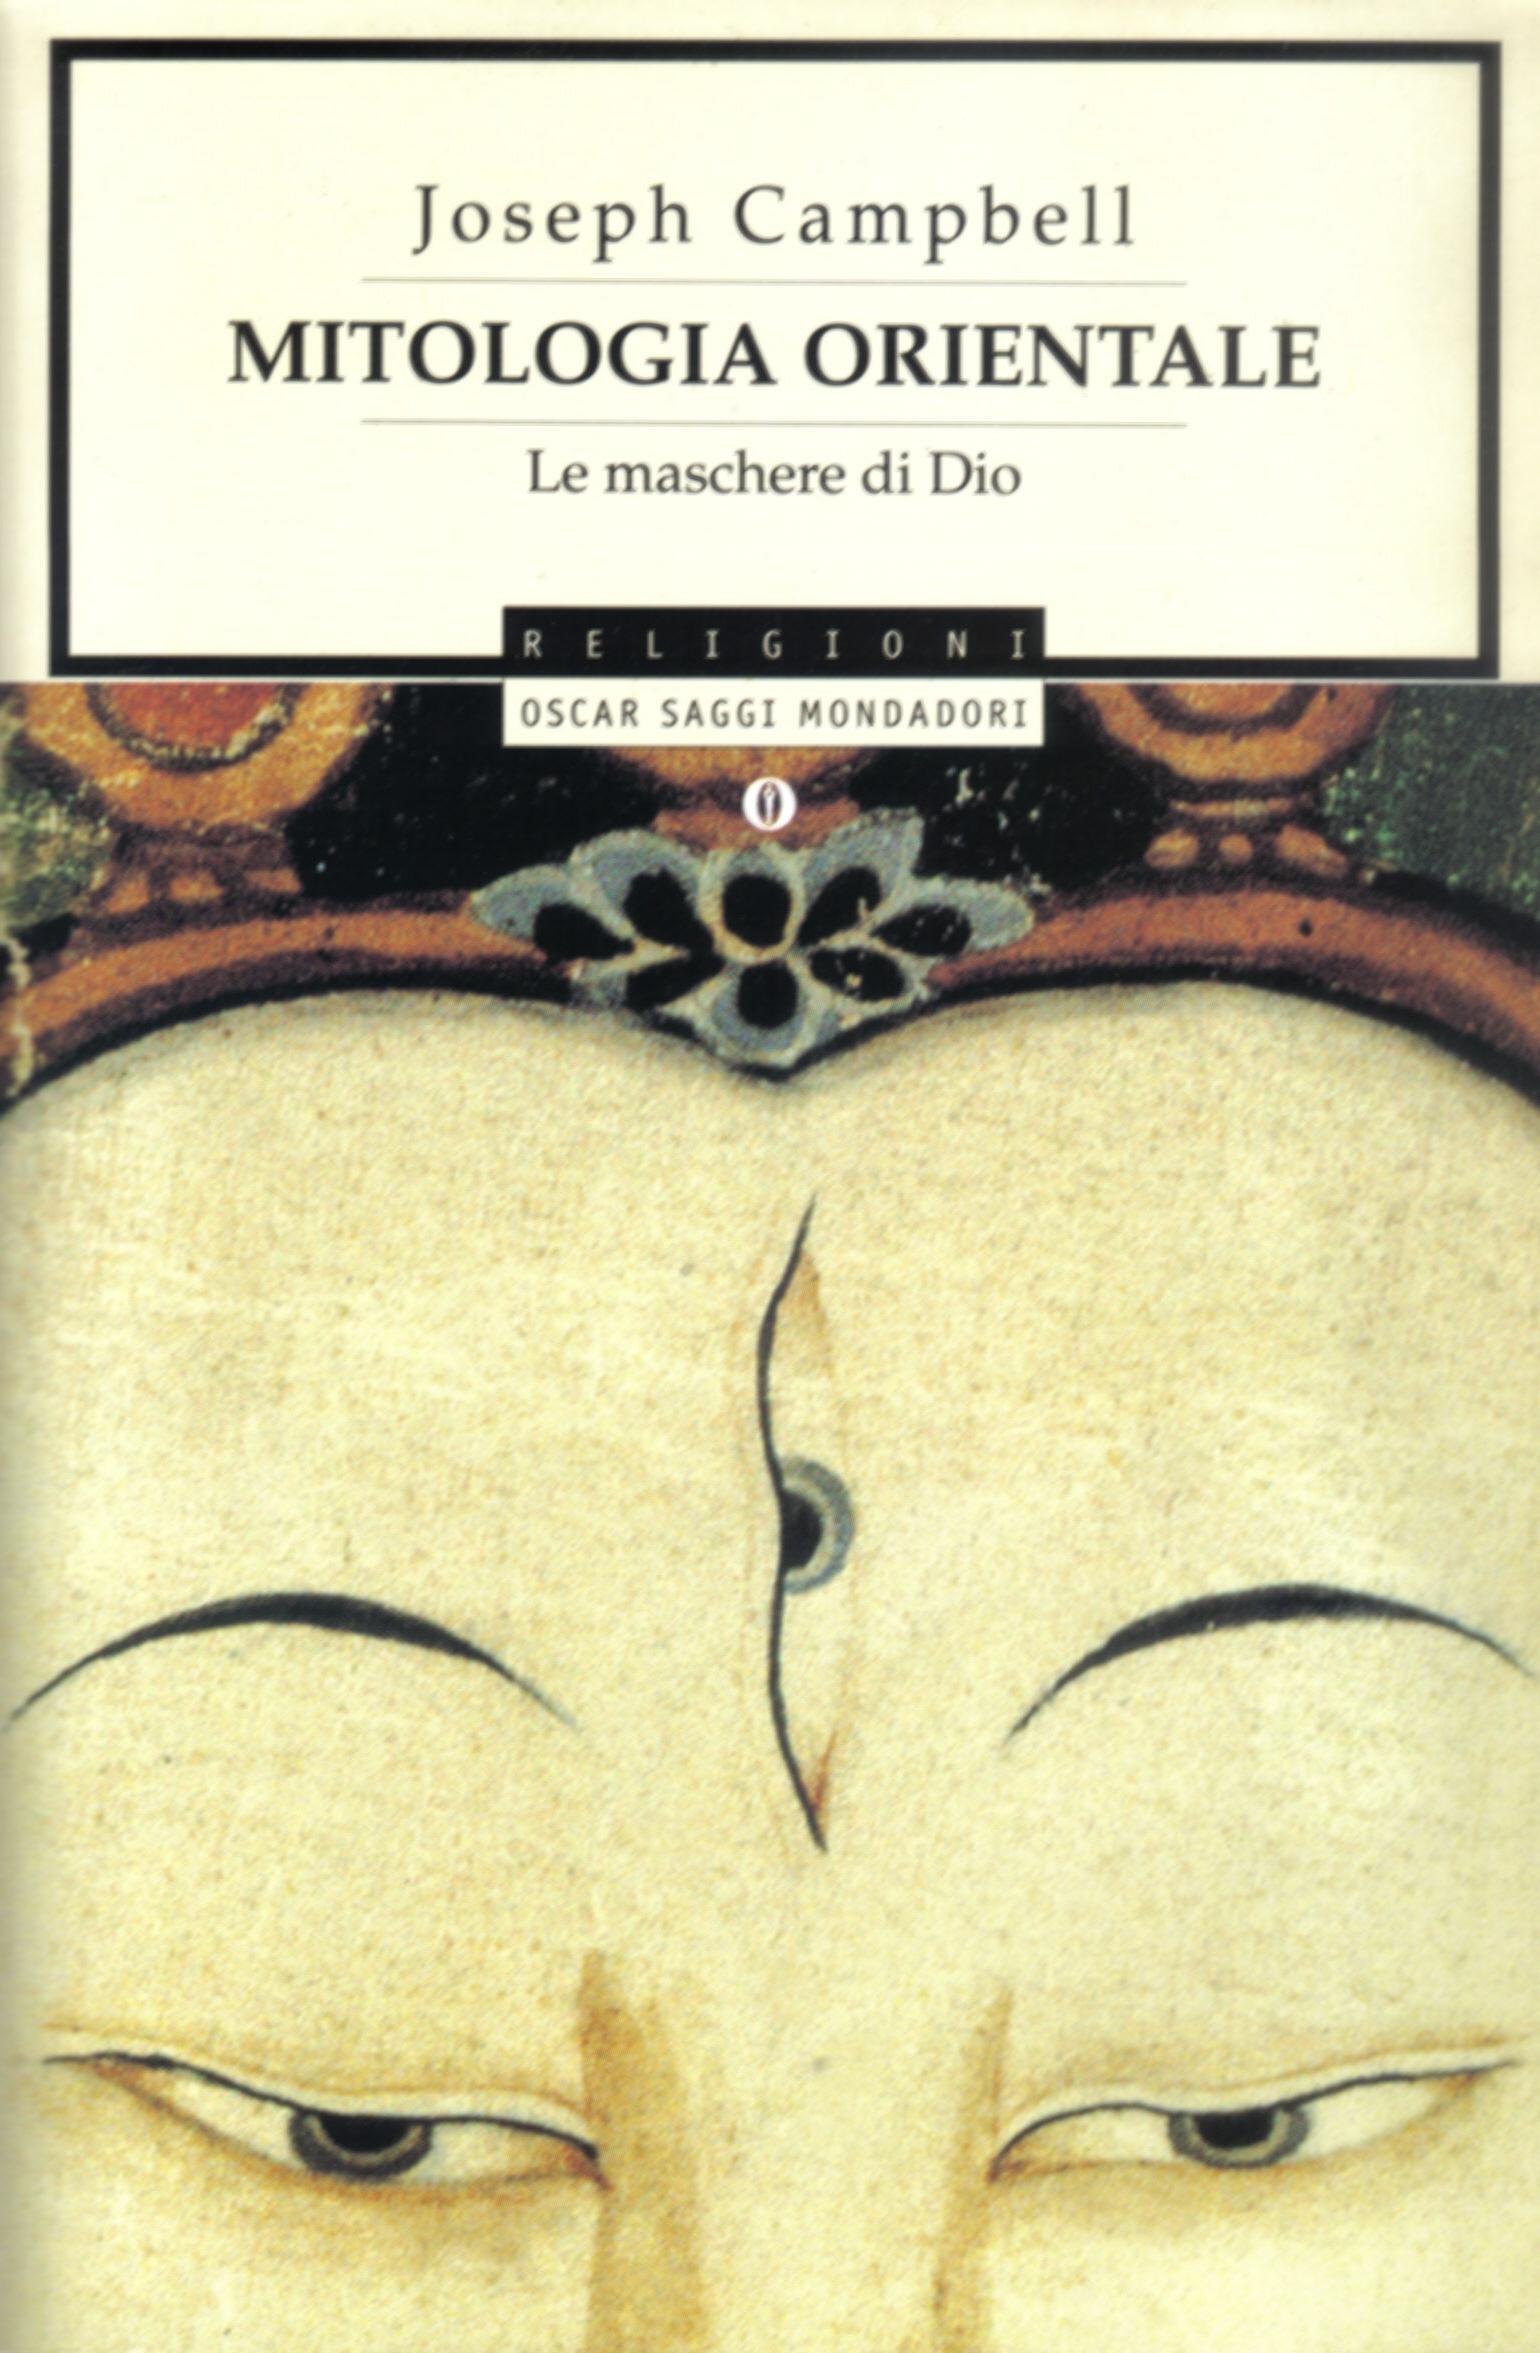 Mitologia orientale